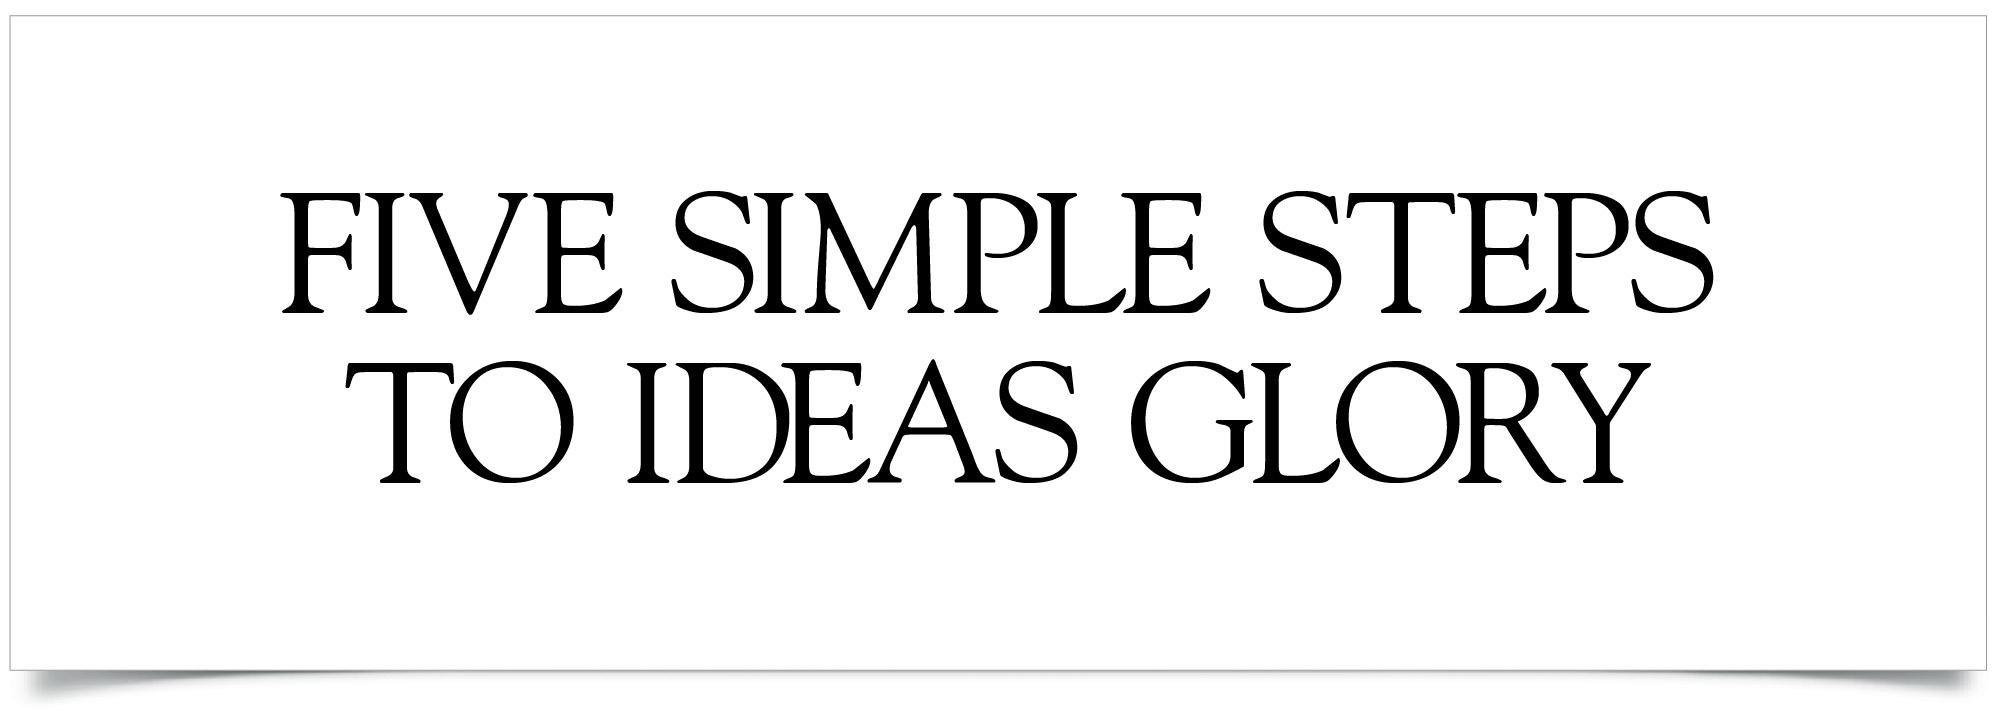 Five Simple Steps -35.jpg